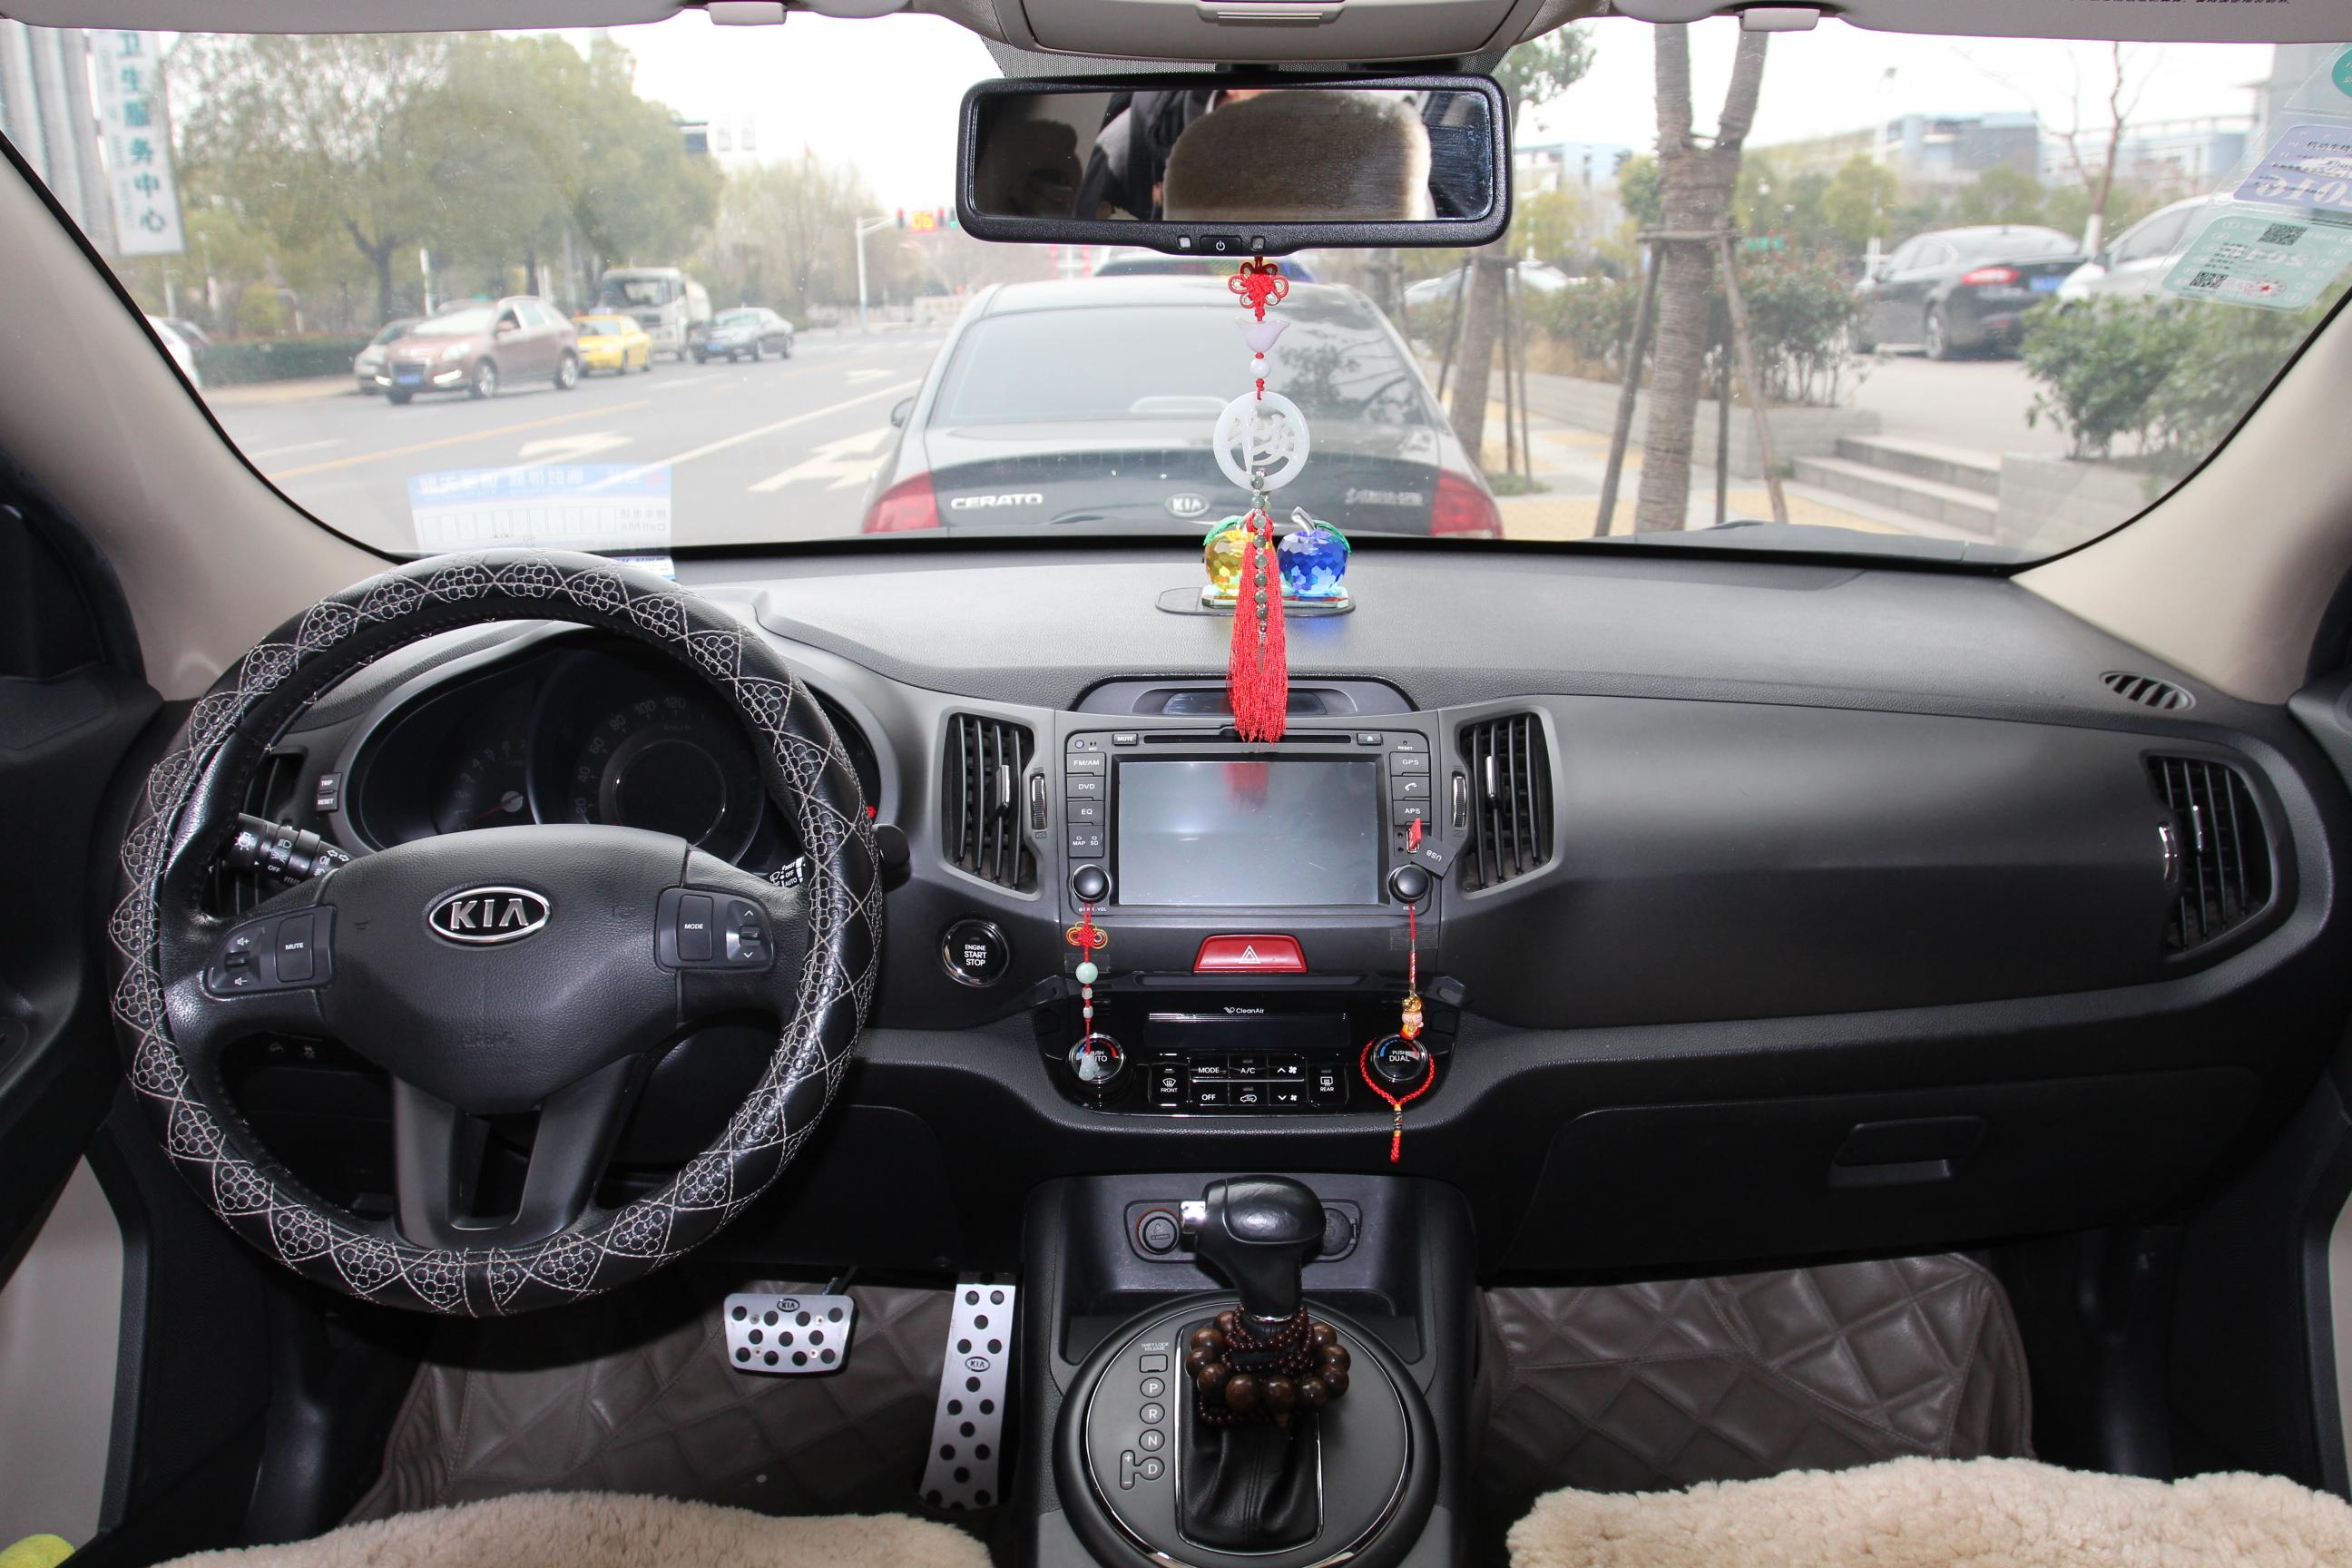 起亚智跑汽车仪表盘指示灯图解